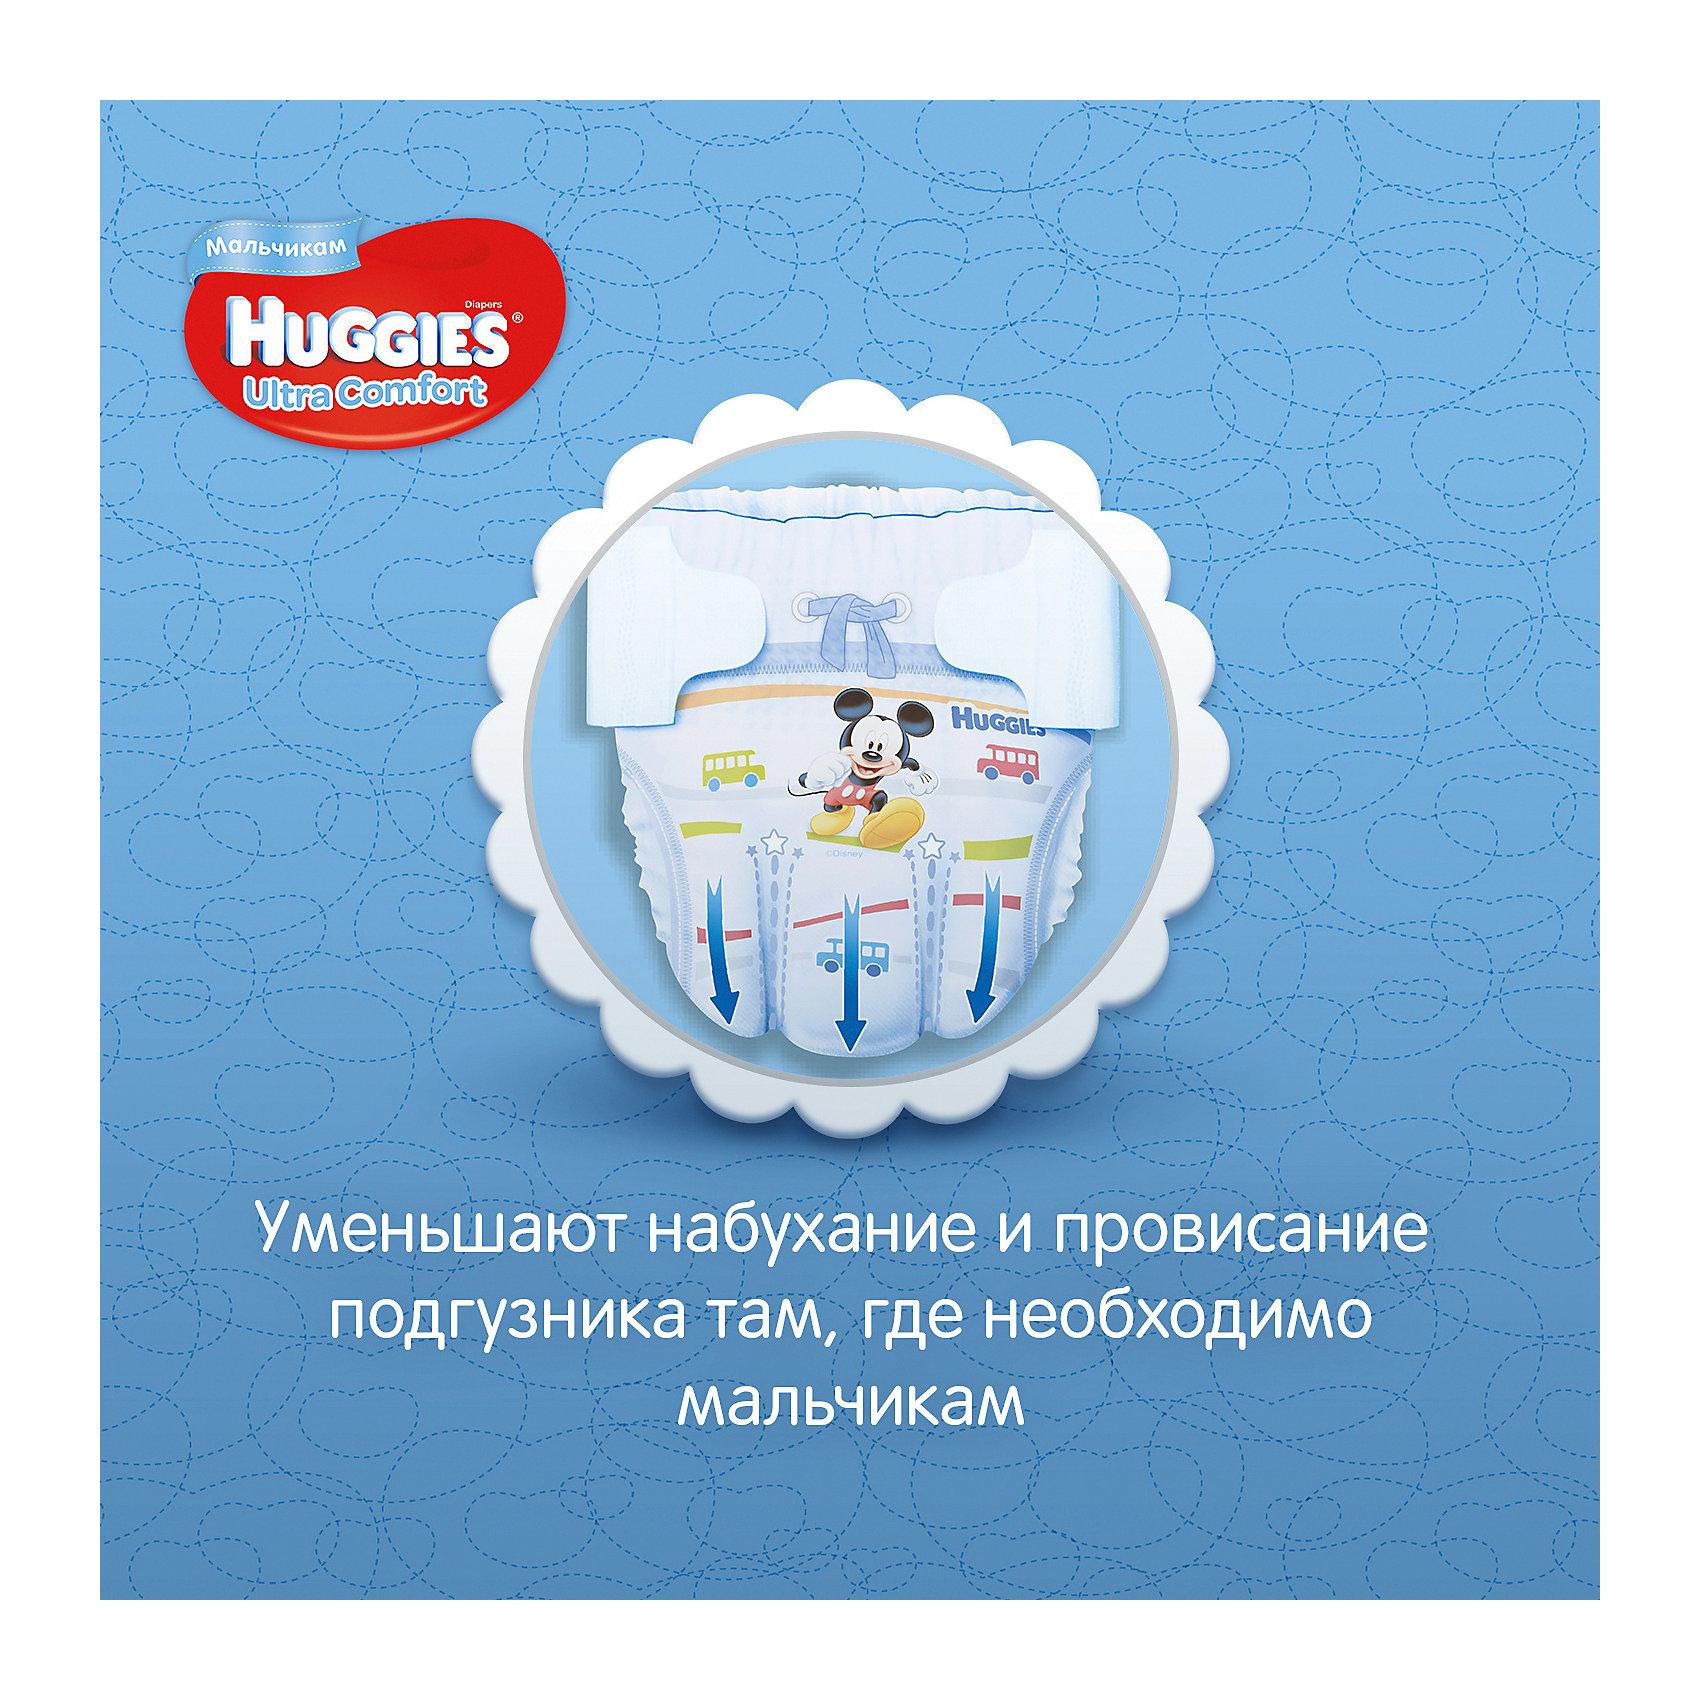 Подгузники Huggies Ultra Comfort 3 для мальчиков, 5-9 кг, 21шт. от myToys